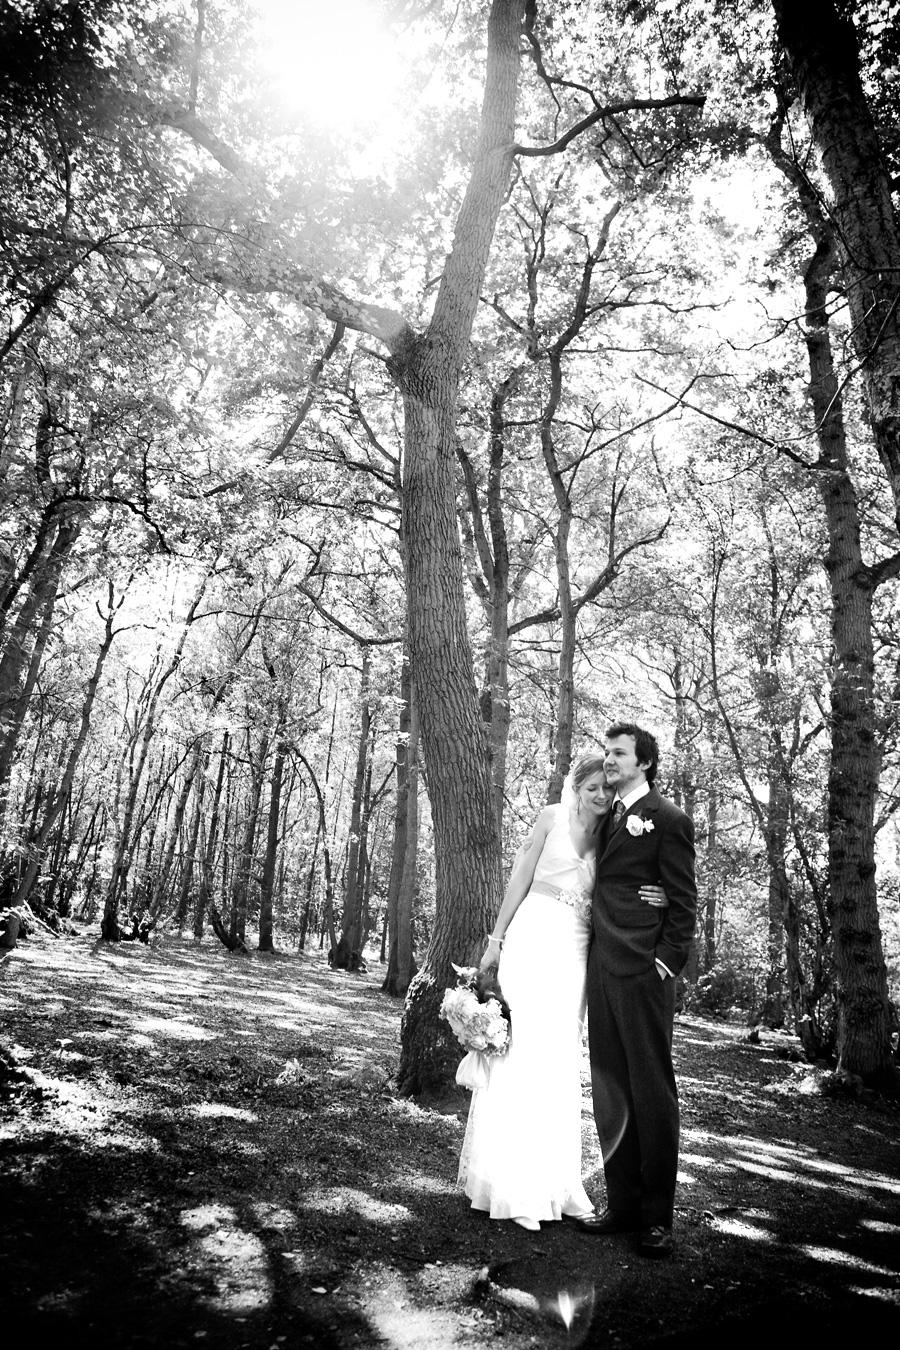 Julie och James i en glänta i skogen 6